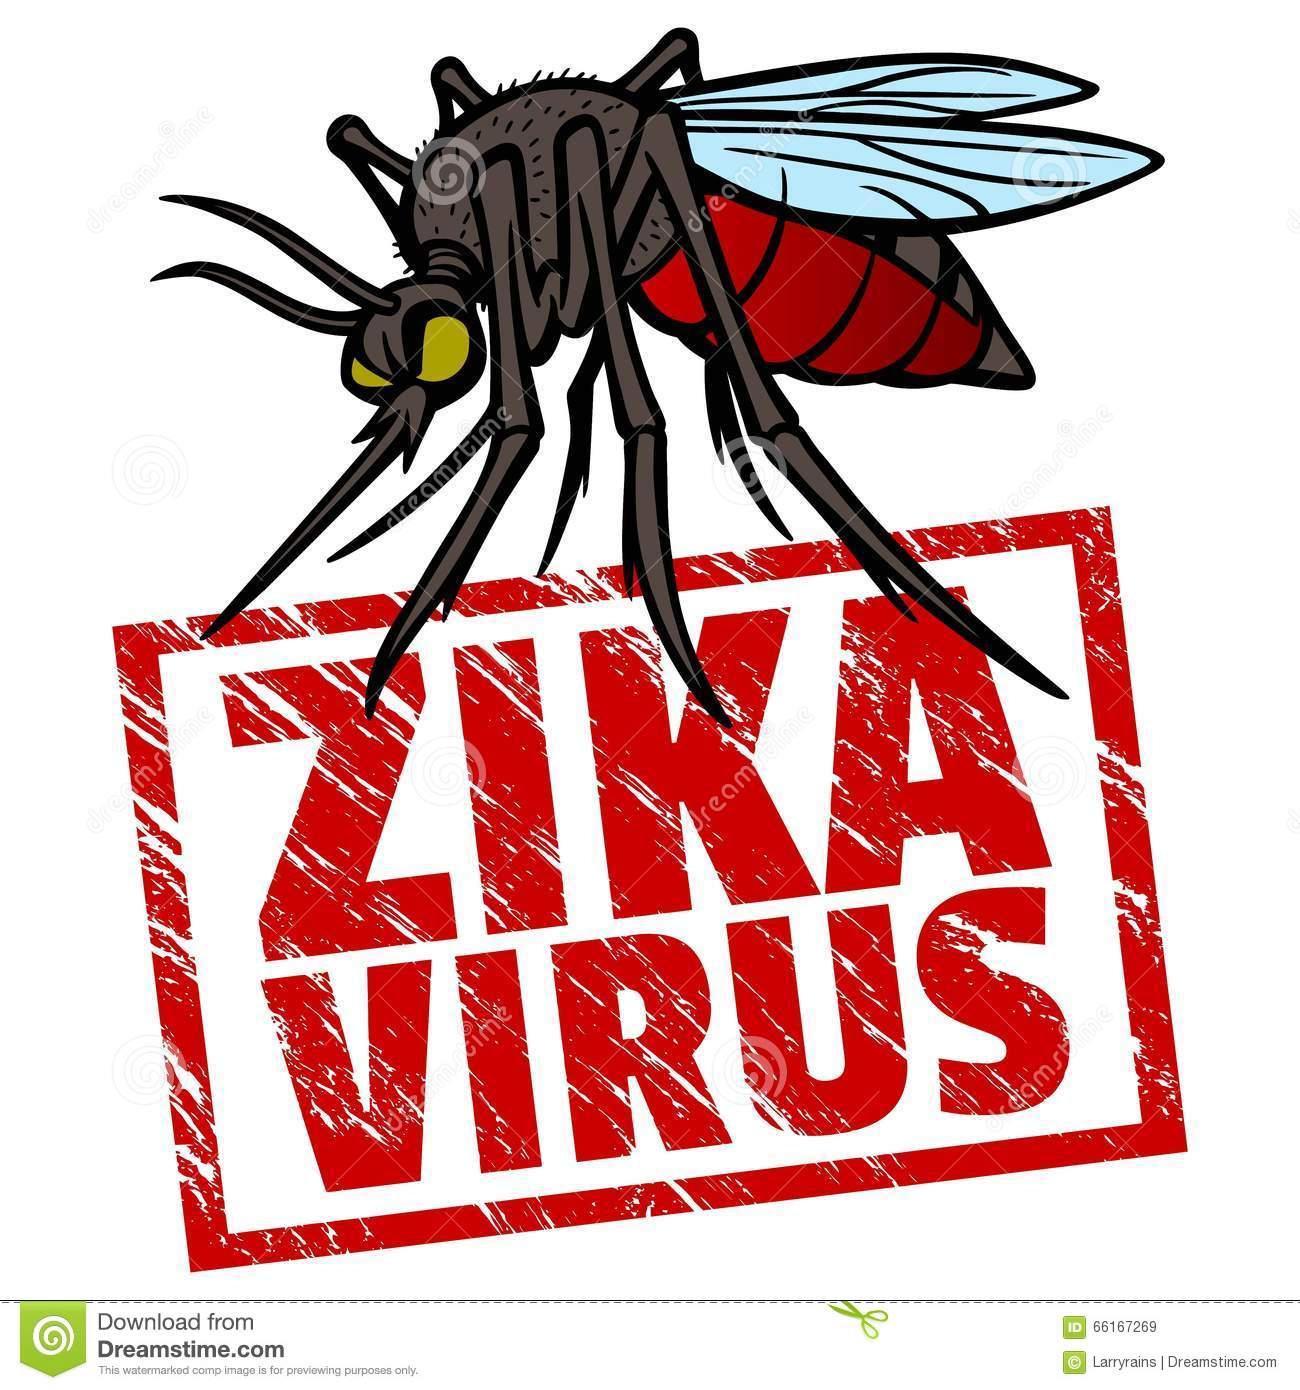 Zika virus clipart.